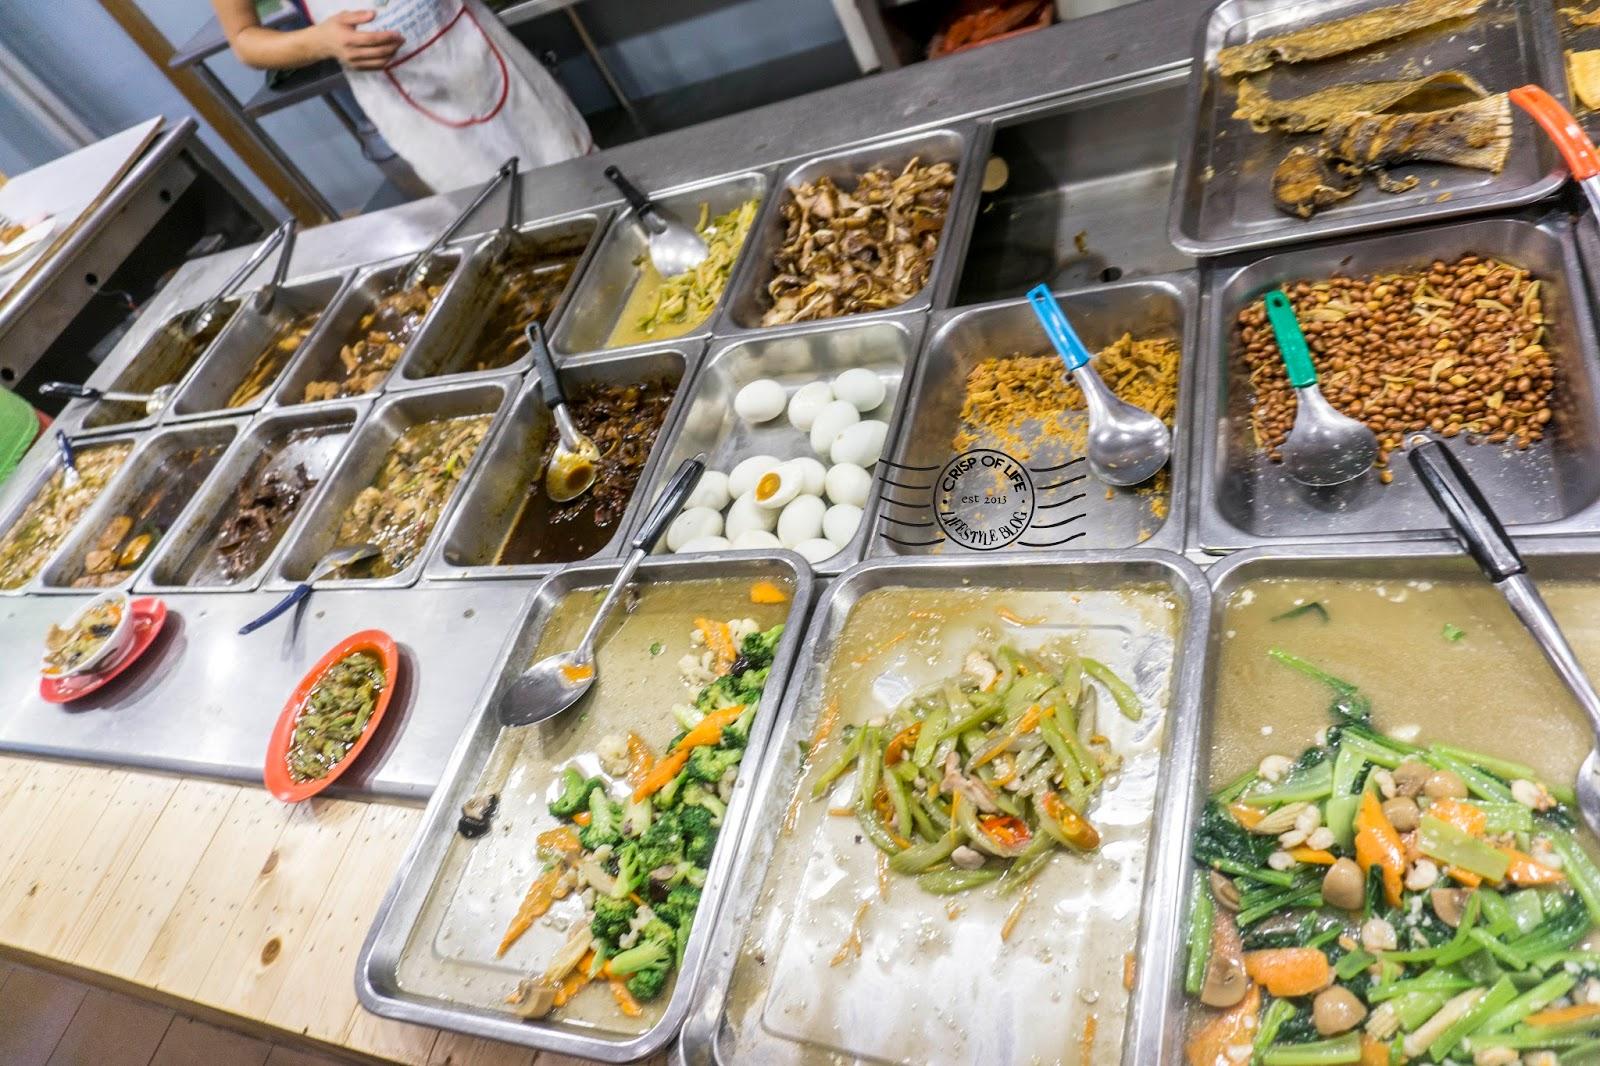 Chou Yang Teochew Porridge 朝阳粥馆 @ Relau, Penang